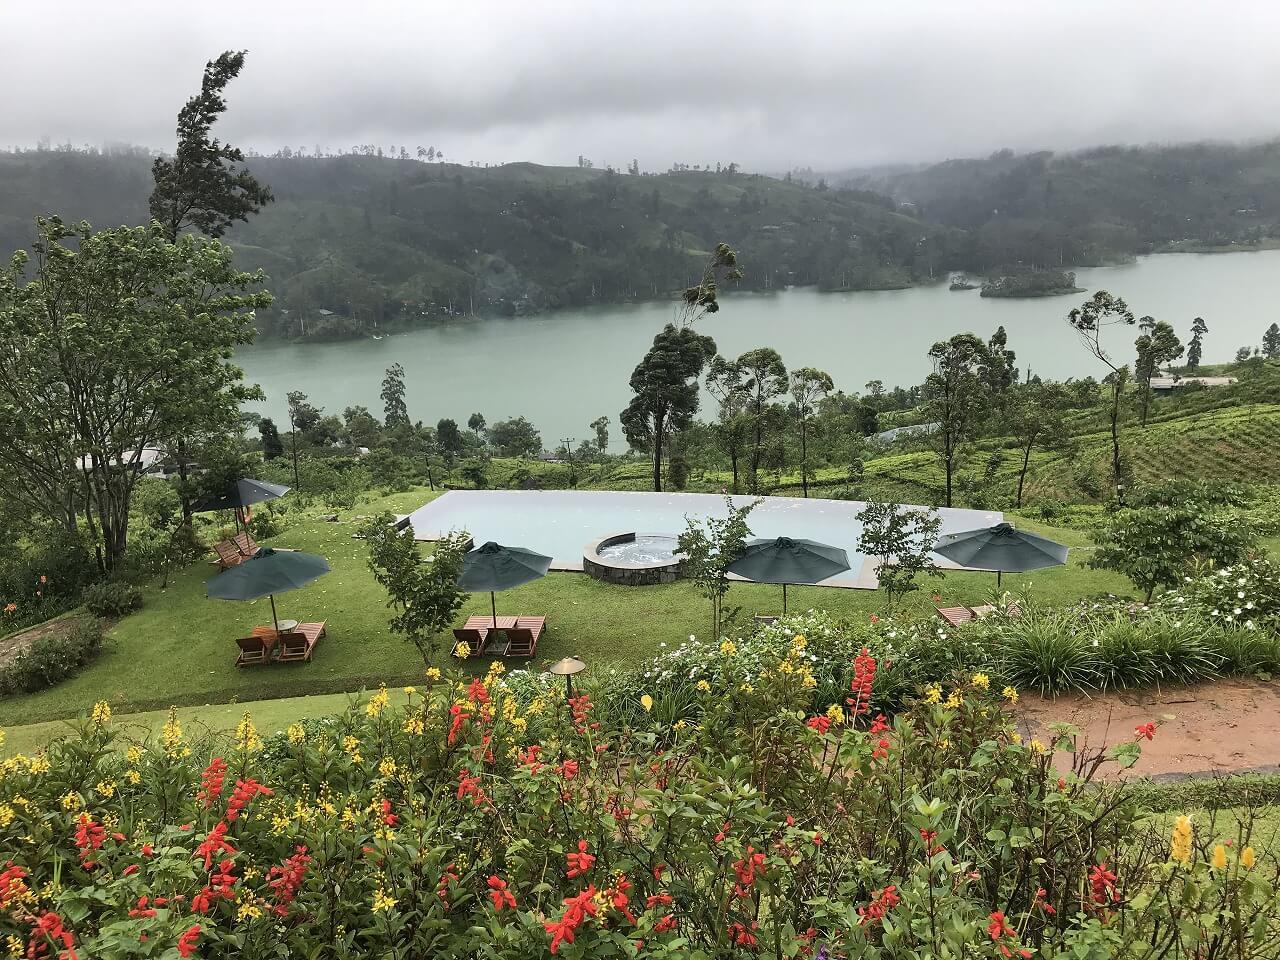 「セイロン紅茶」の国・スリランカ 2湖を望む絶景